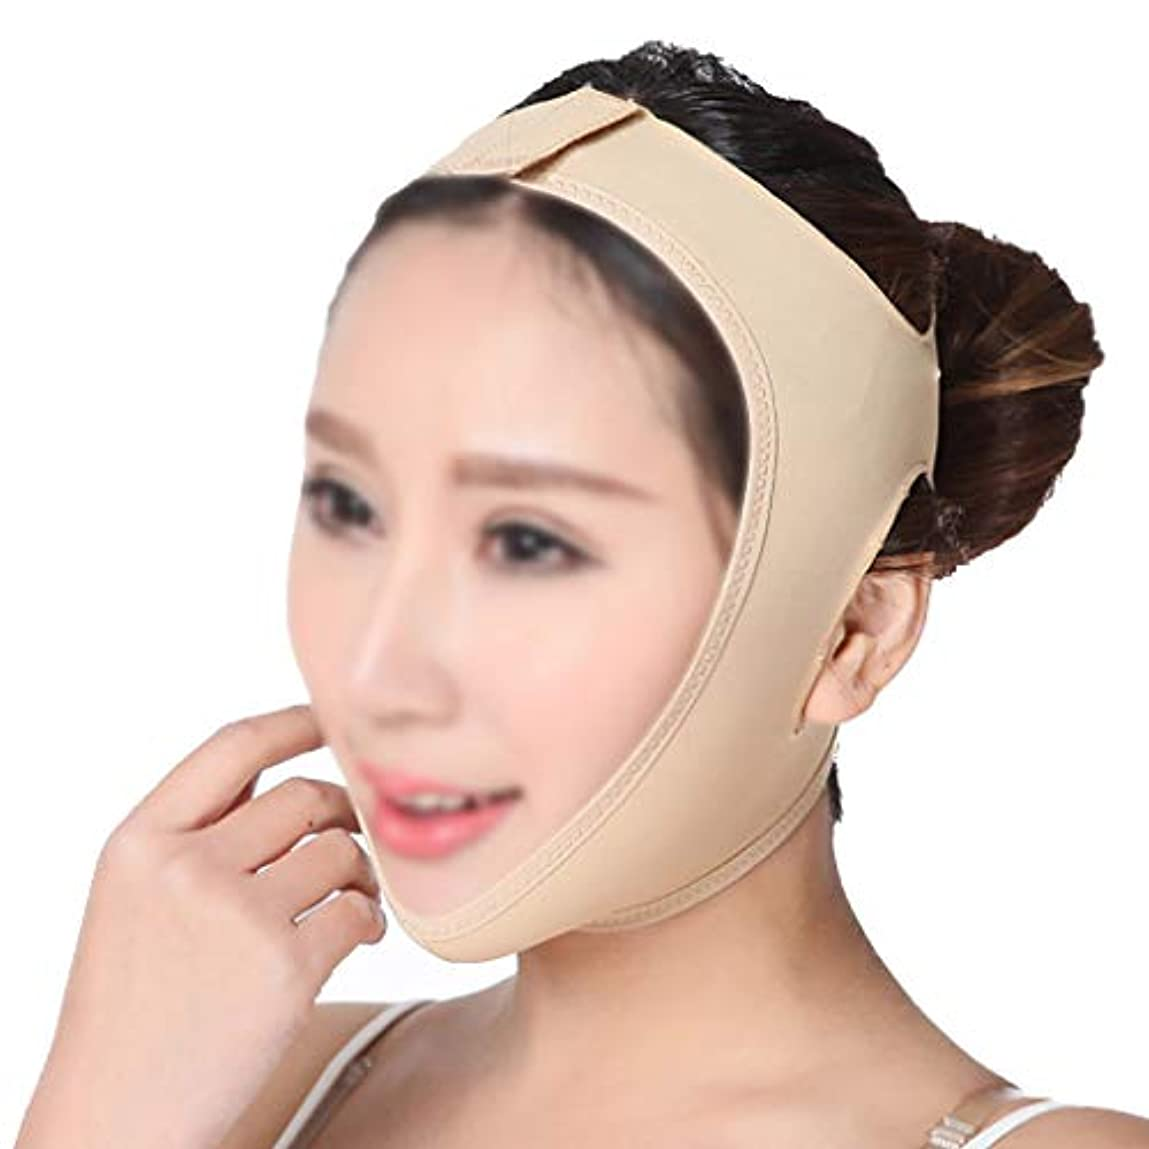 主張放送仕方XHLMRMJ 薄い顔包帯顔スリム二重あごを取り除くVラインの顔の形を作成するあごの頬リフトアップ抗しわを持ち上げるベルトフェイスマッサージツール (Size : XL)